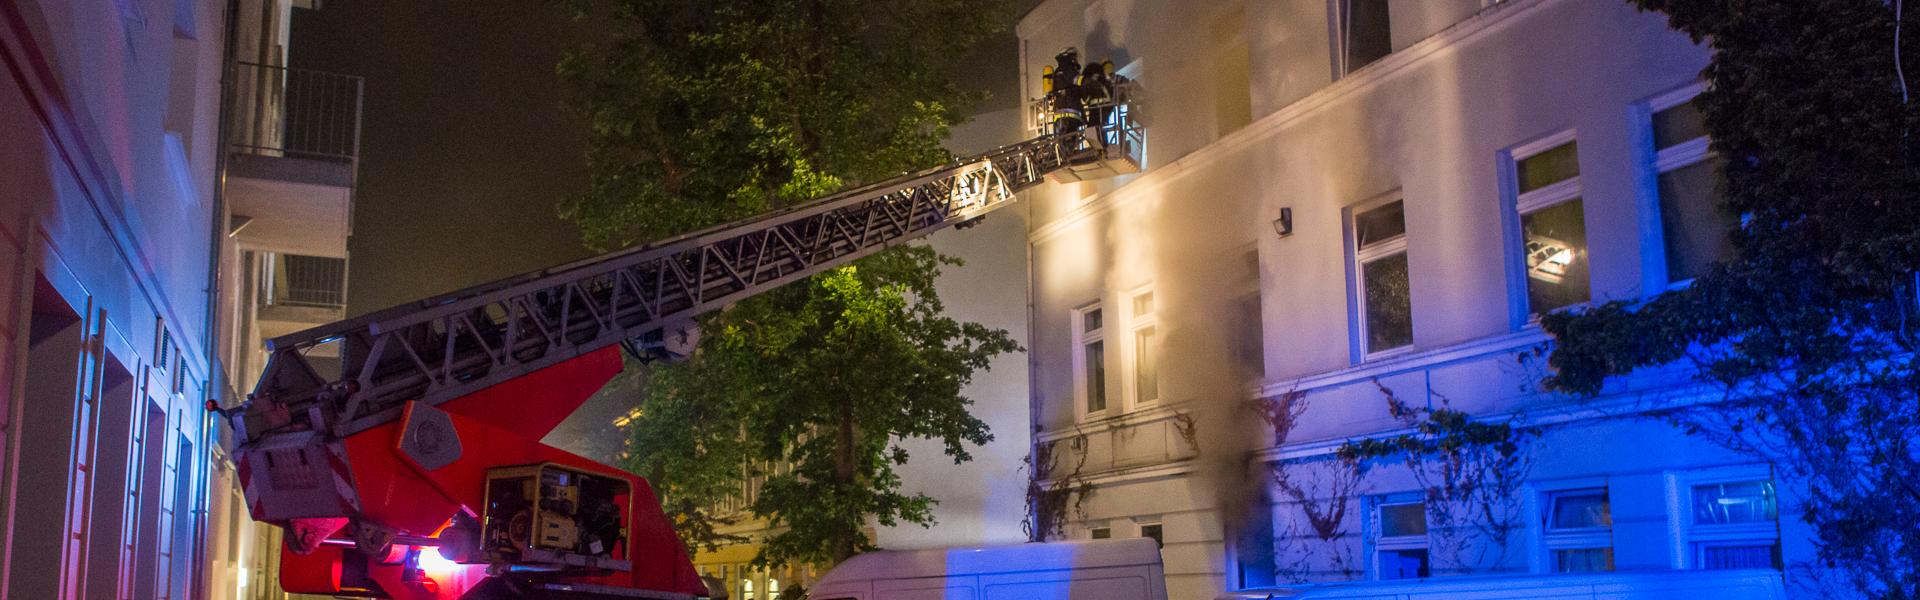 03.06.2017 – Feuerwehr rettet 15 Personen aus verrauchtem Wohnhaus